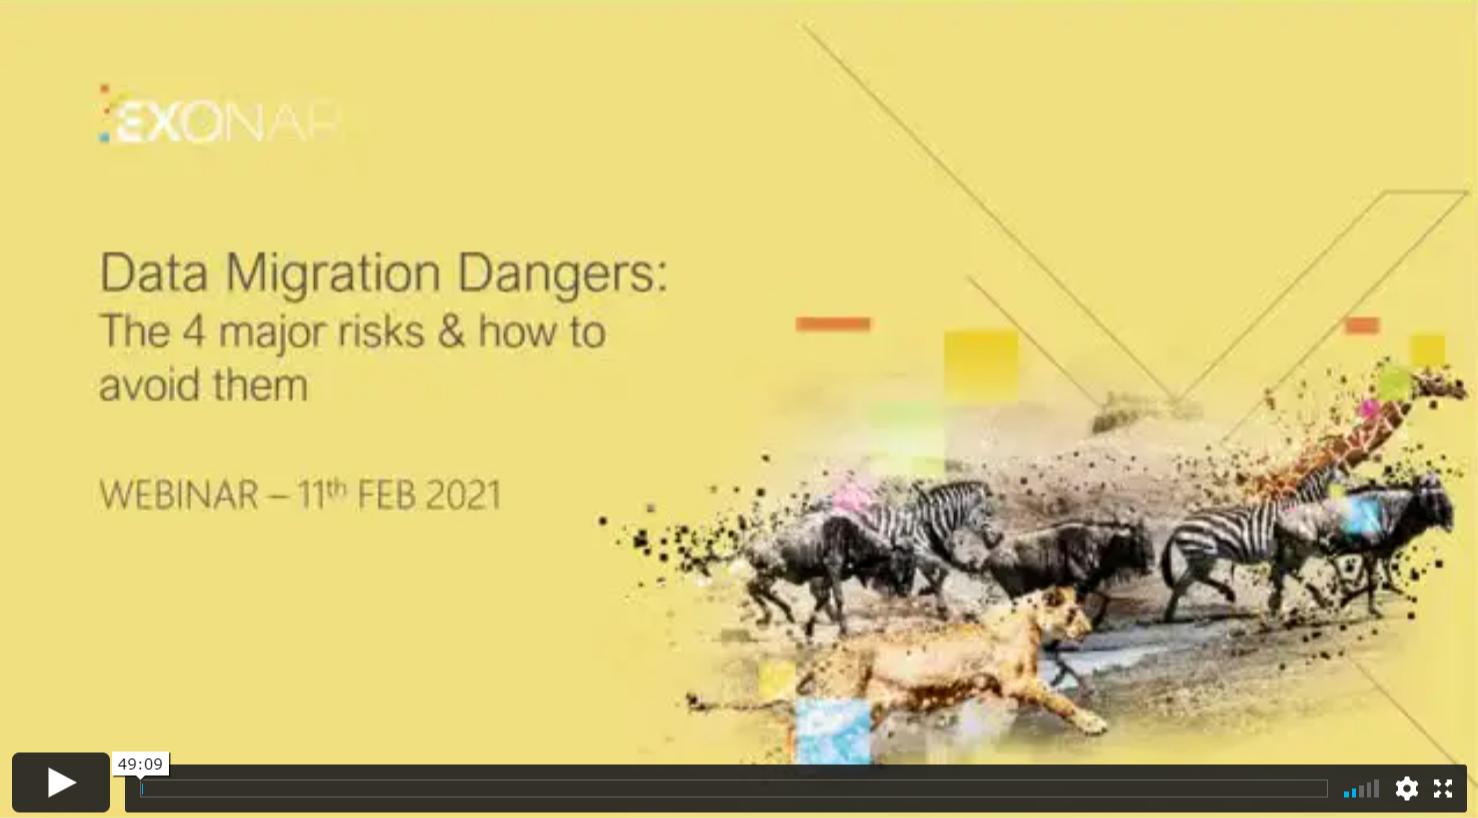 Jan Webinar 4 major risks